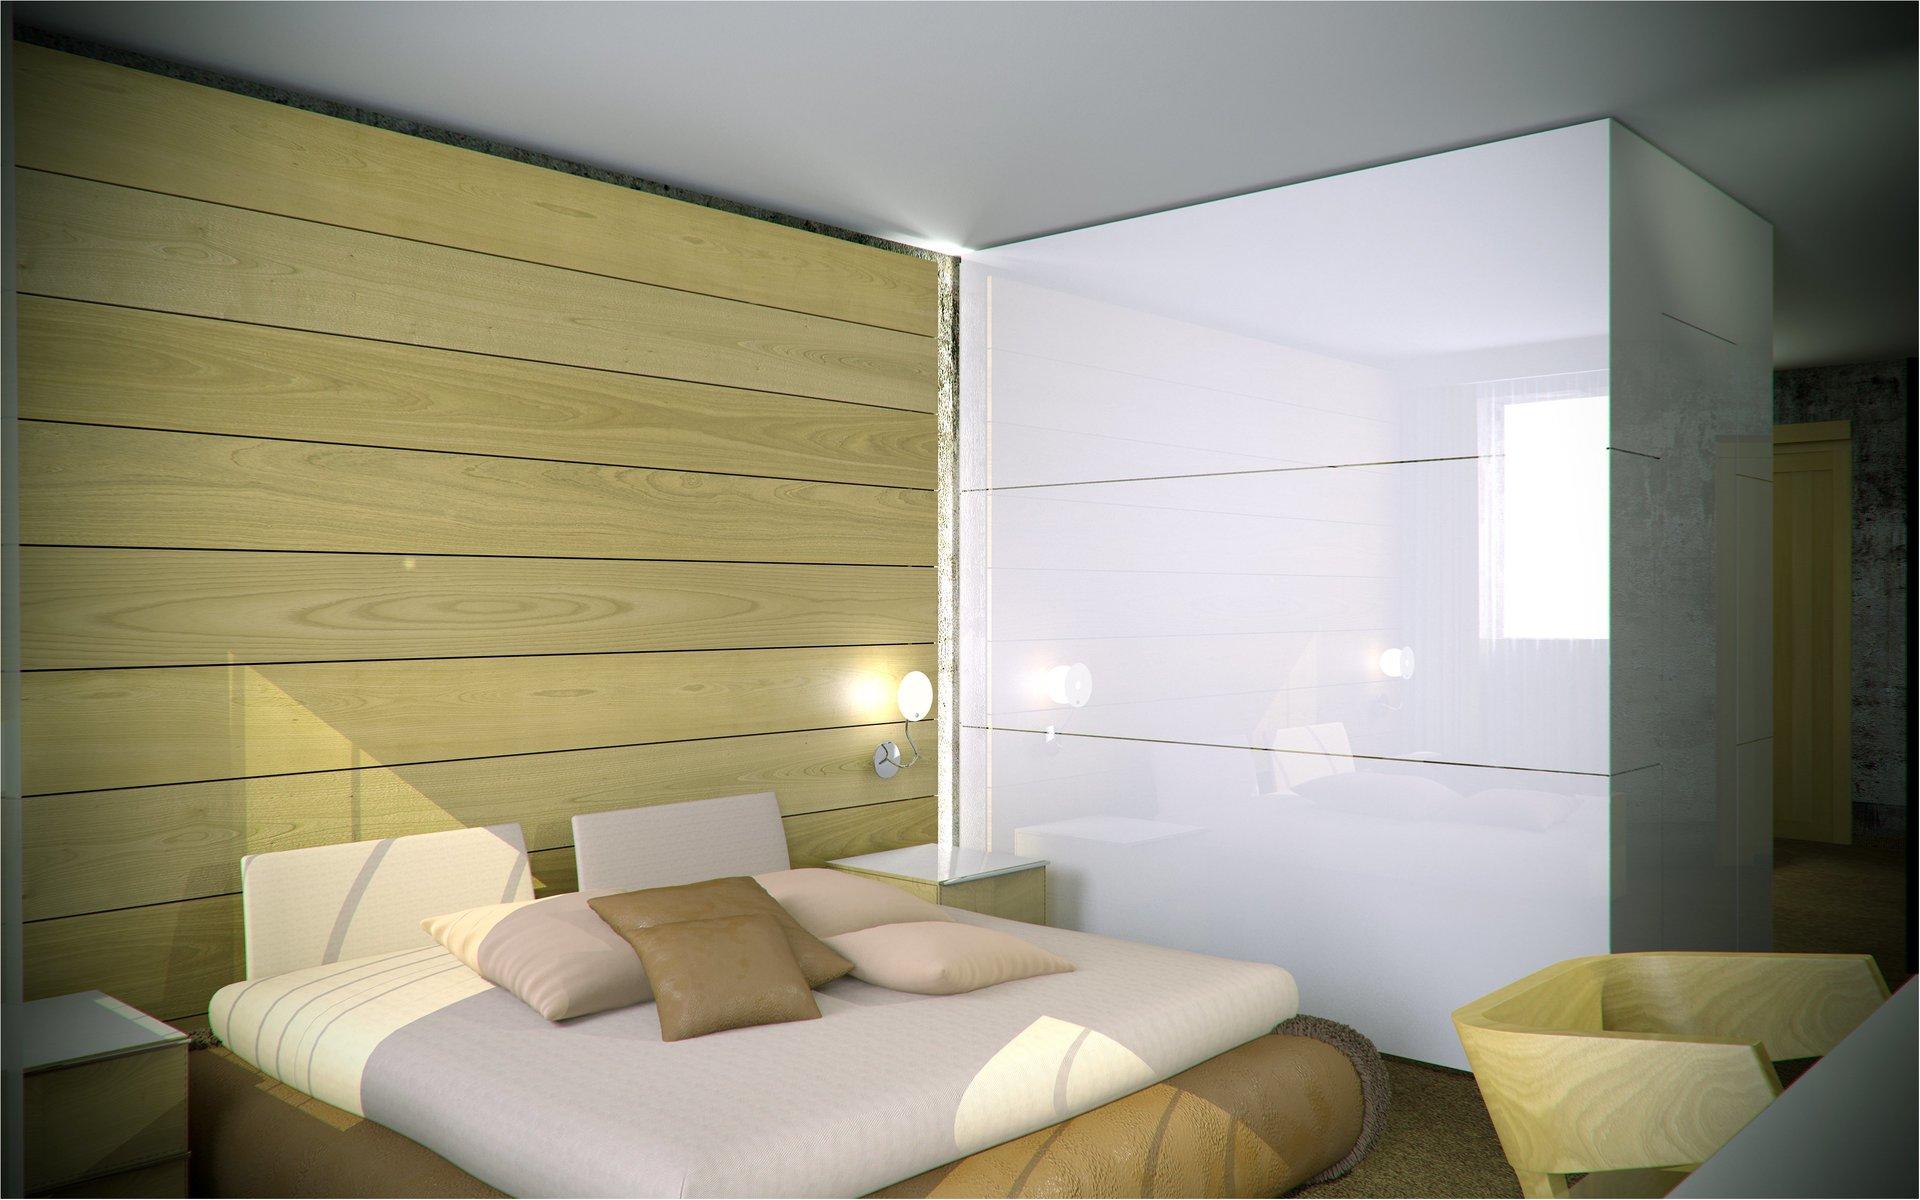 vista angolare di una camera da letto color verde chiaro